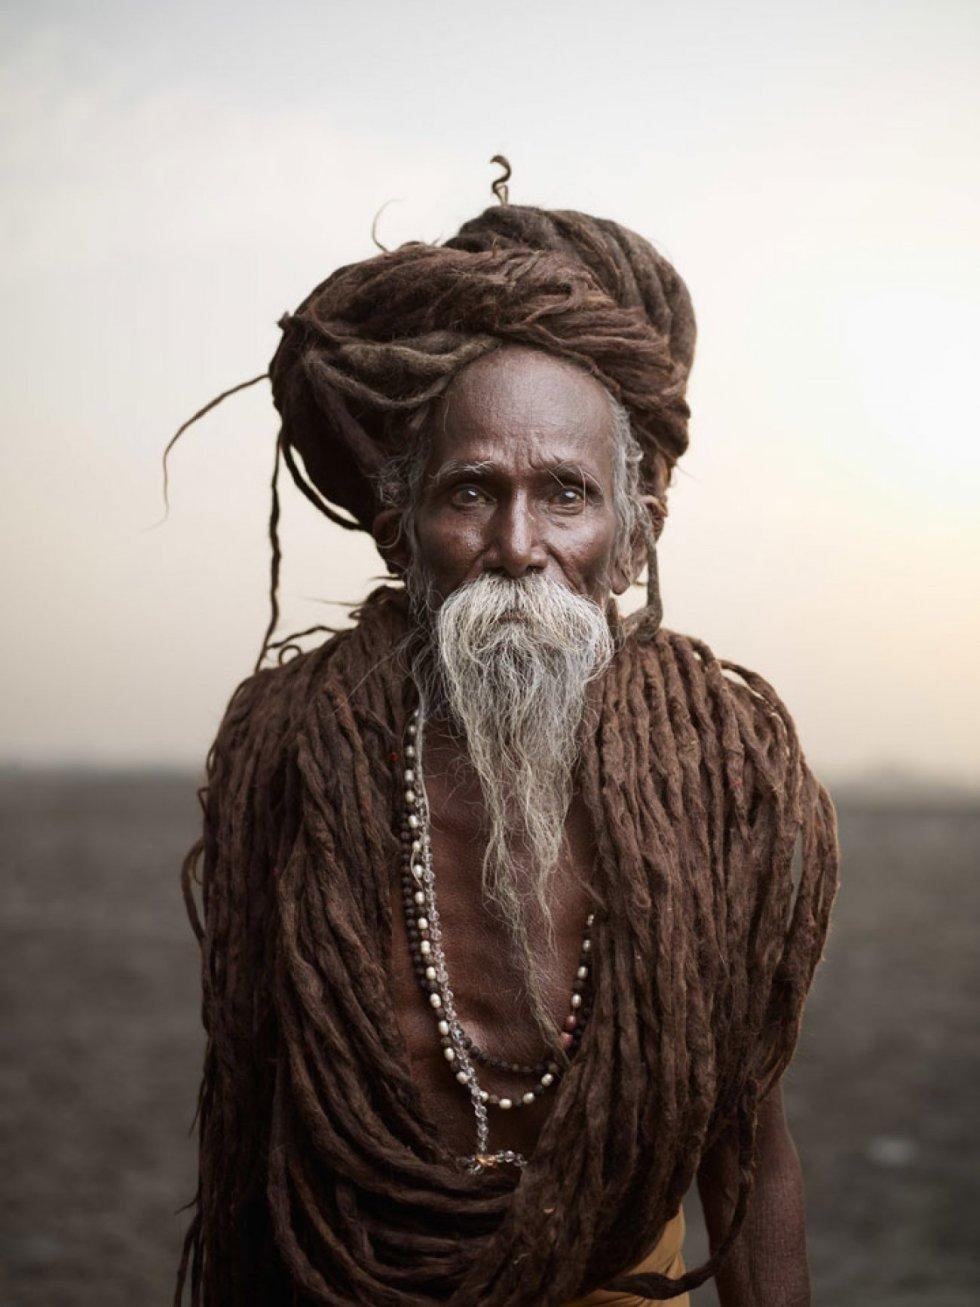 la-foi-hindouiste-a-travers-ces-somptueux-portraits-d-indiens-407721